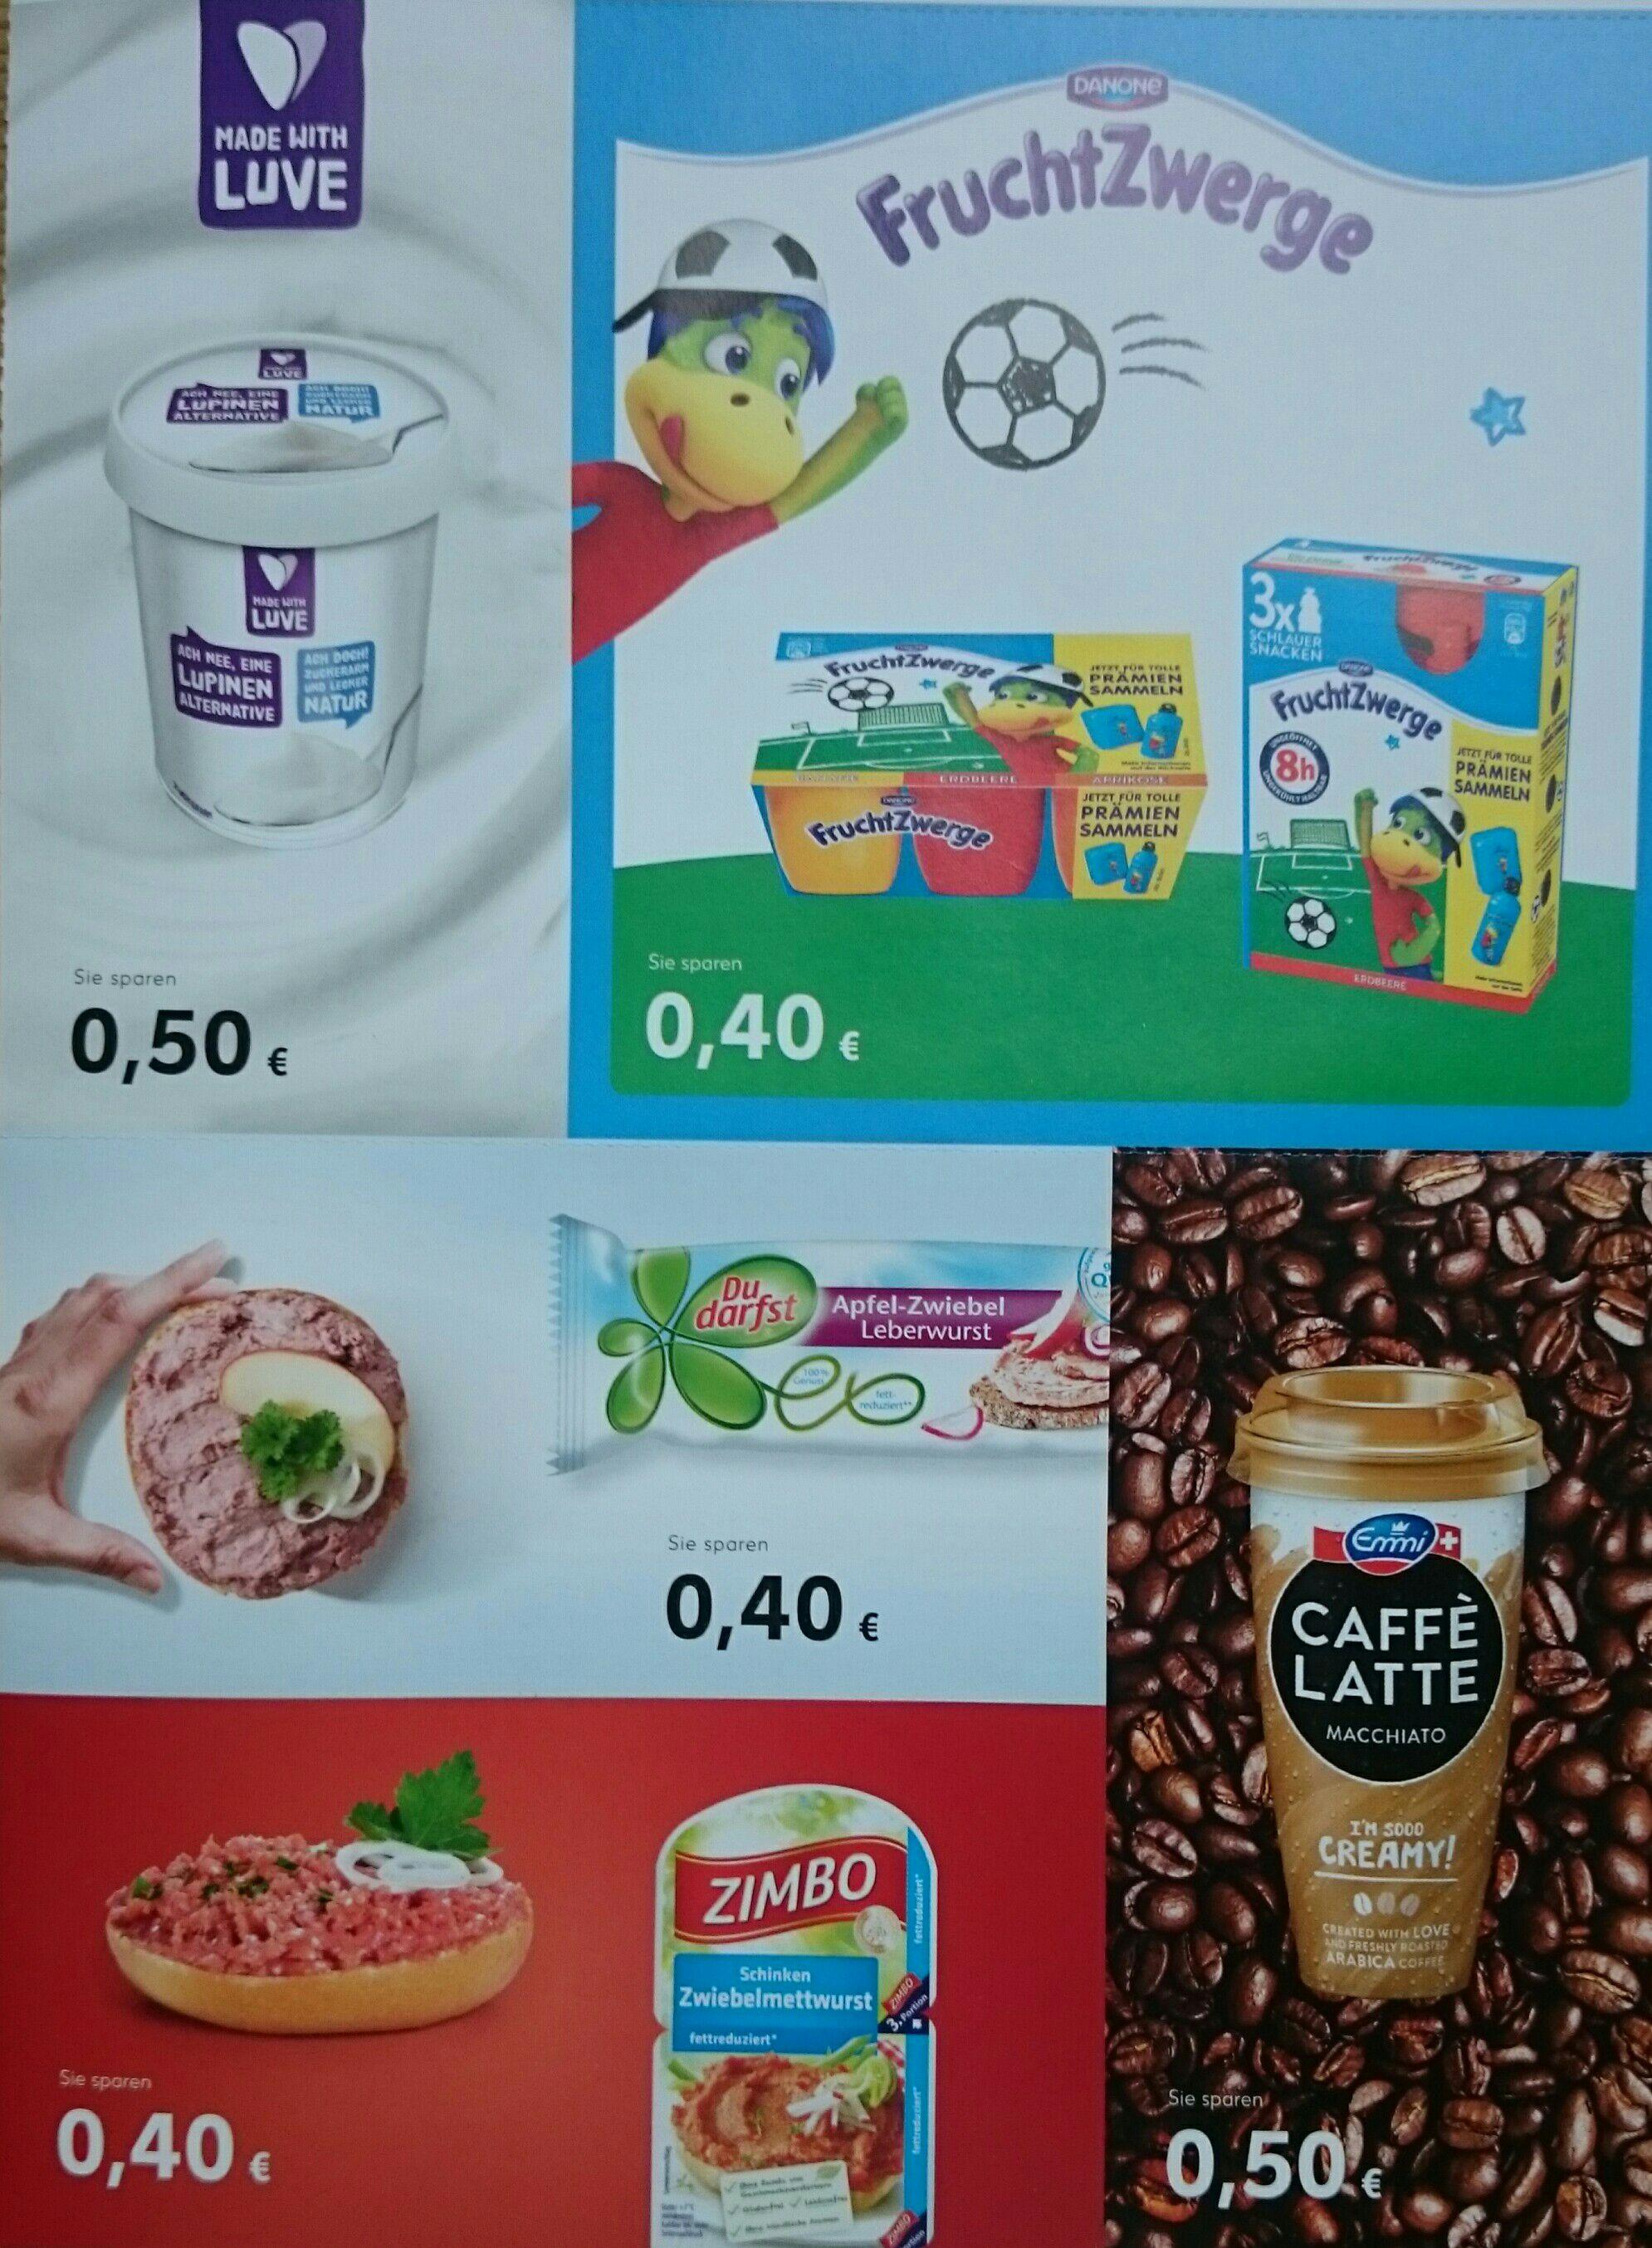 [Kaufland] Coupon - Fruchtzwerge - Made with Luve - Emmi Caffè Latte - Du Darfst Leberwurst - Zimbo Zwiebelmett